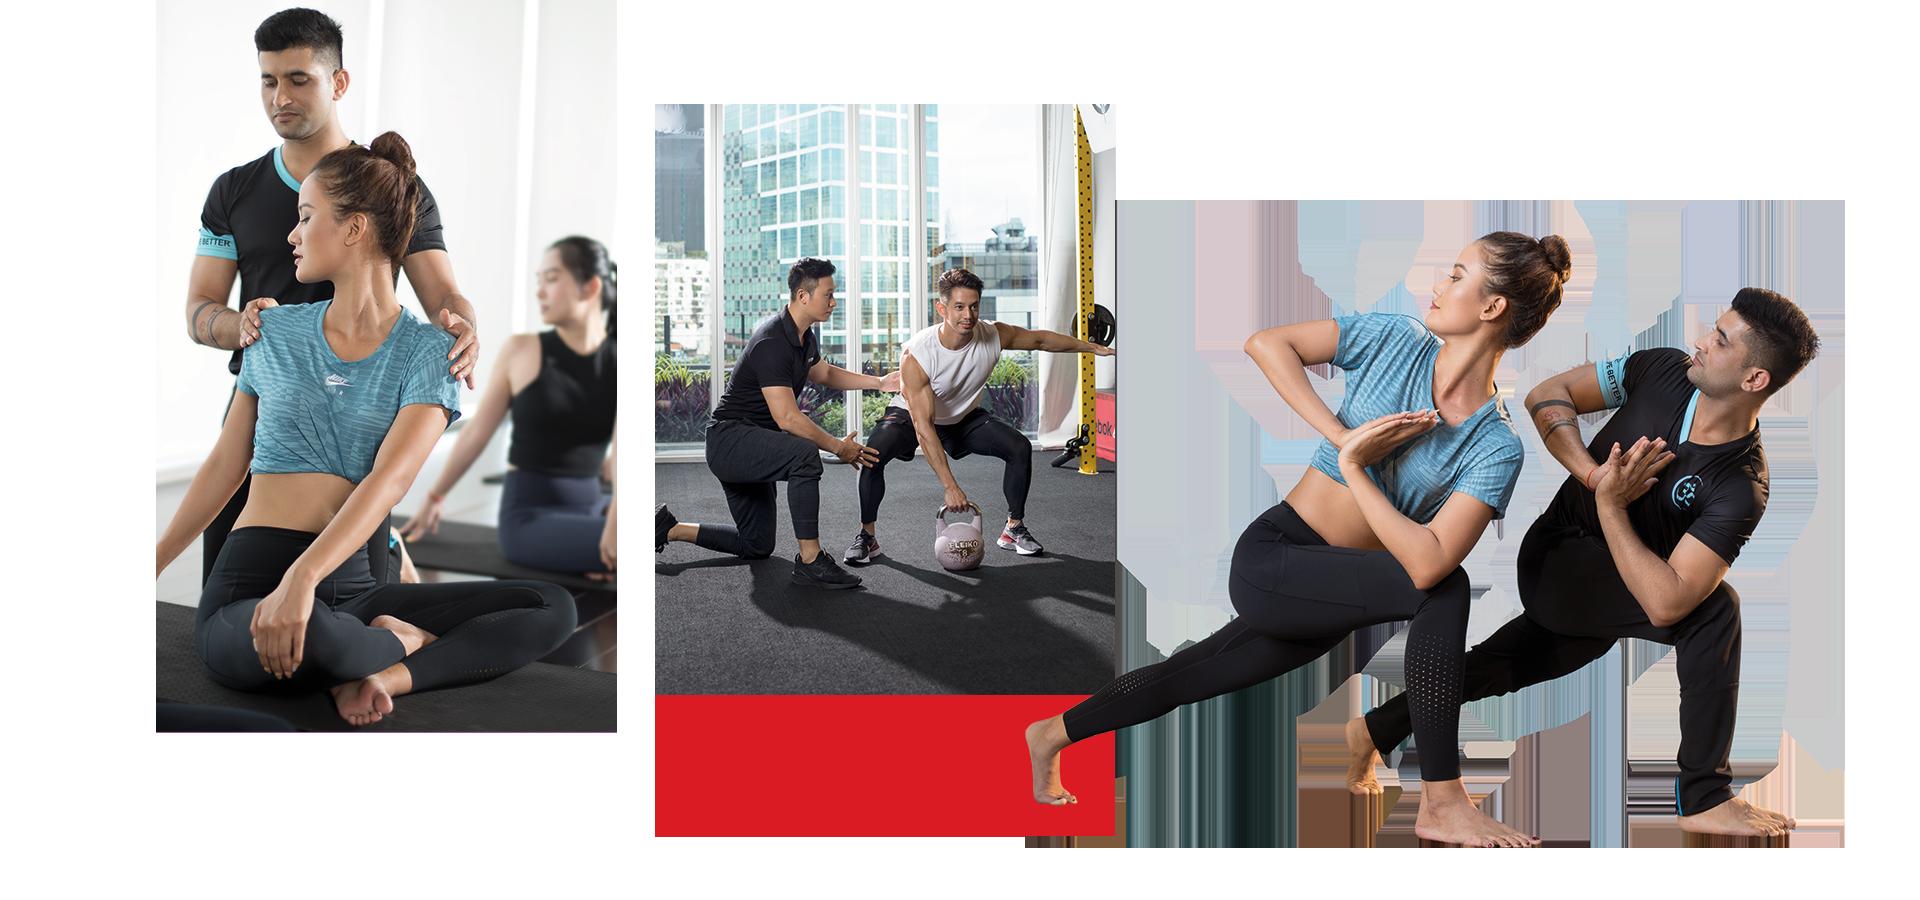 CEO của California Fitness  Yoga: Xe có thể thay mới nhưng cơ thể của bạn thì không - 13